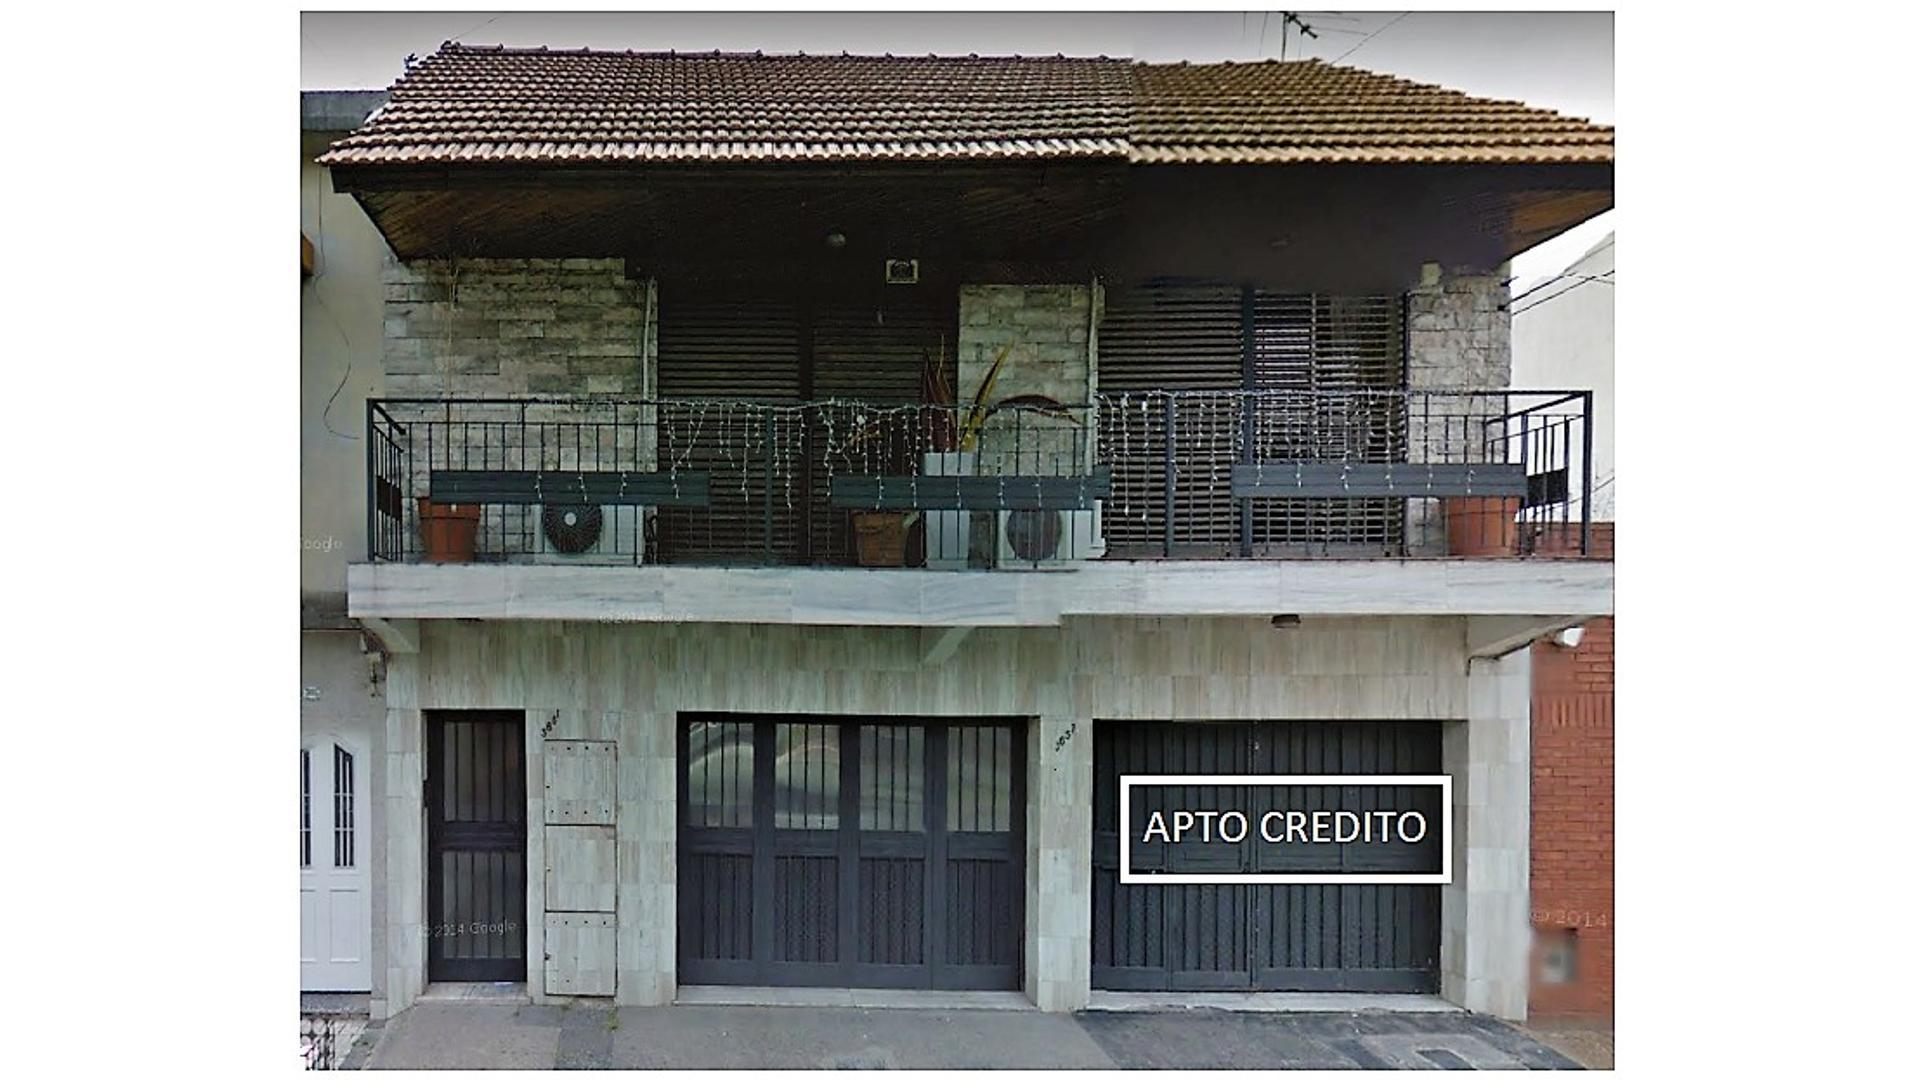 Casa 5 ambientes con Garaje (PH) -  Apto Credito